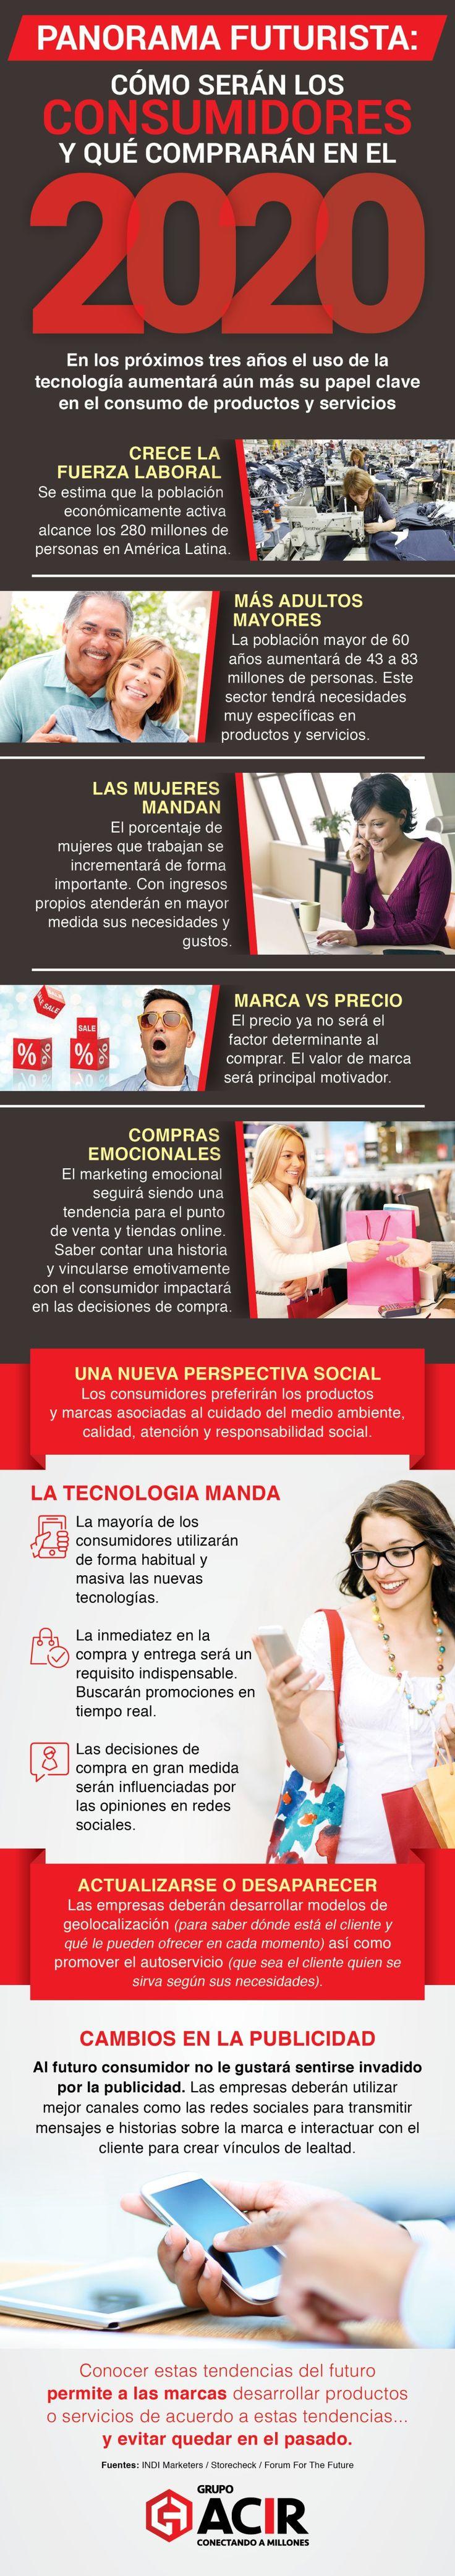 Cómo serán los consumidores en Latinoamérica del futuro